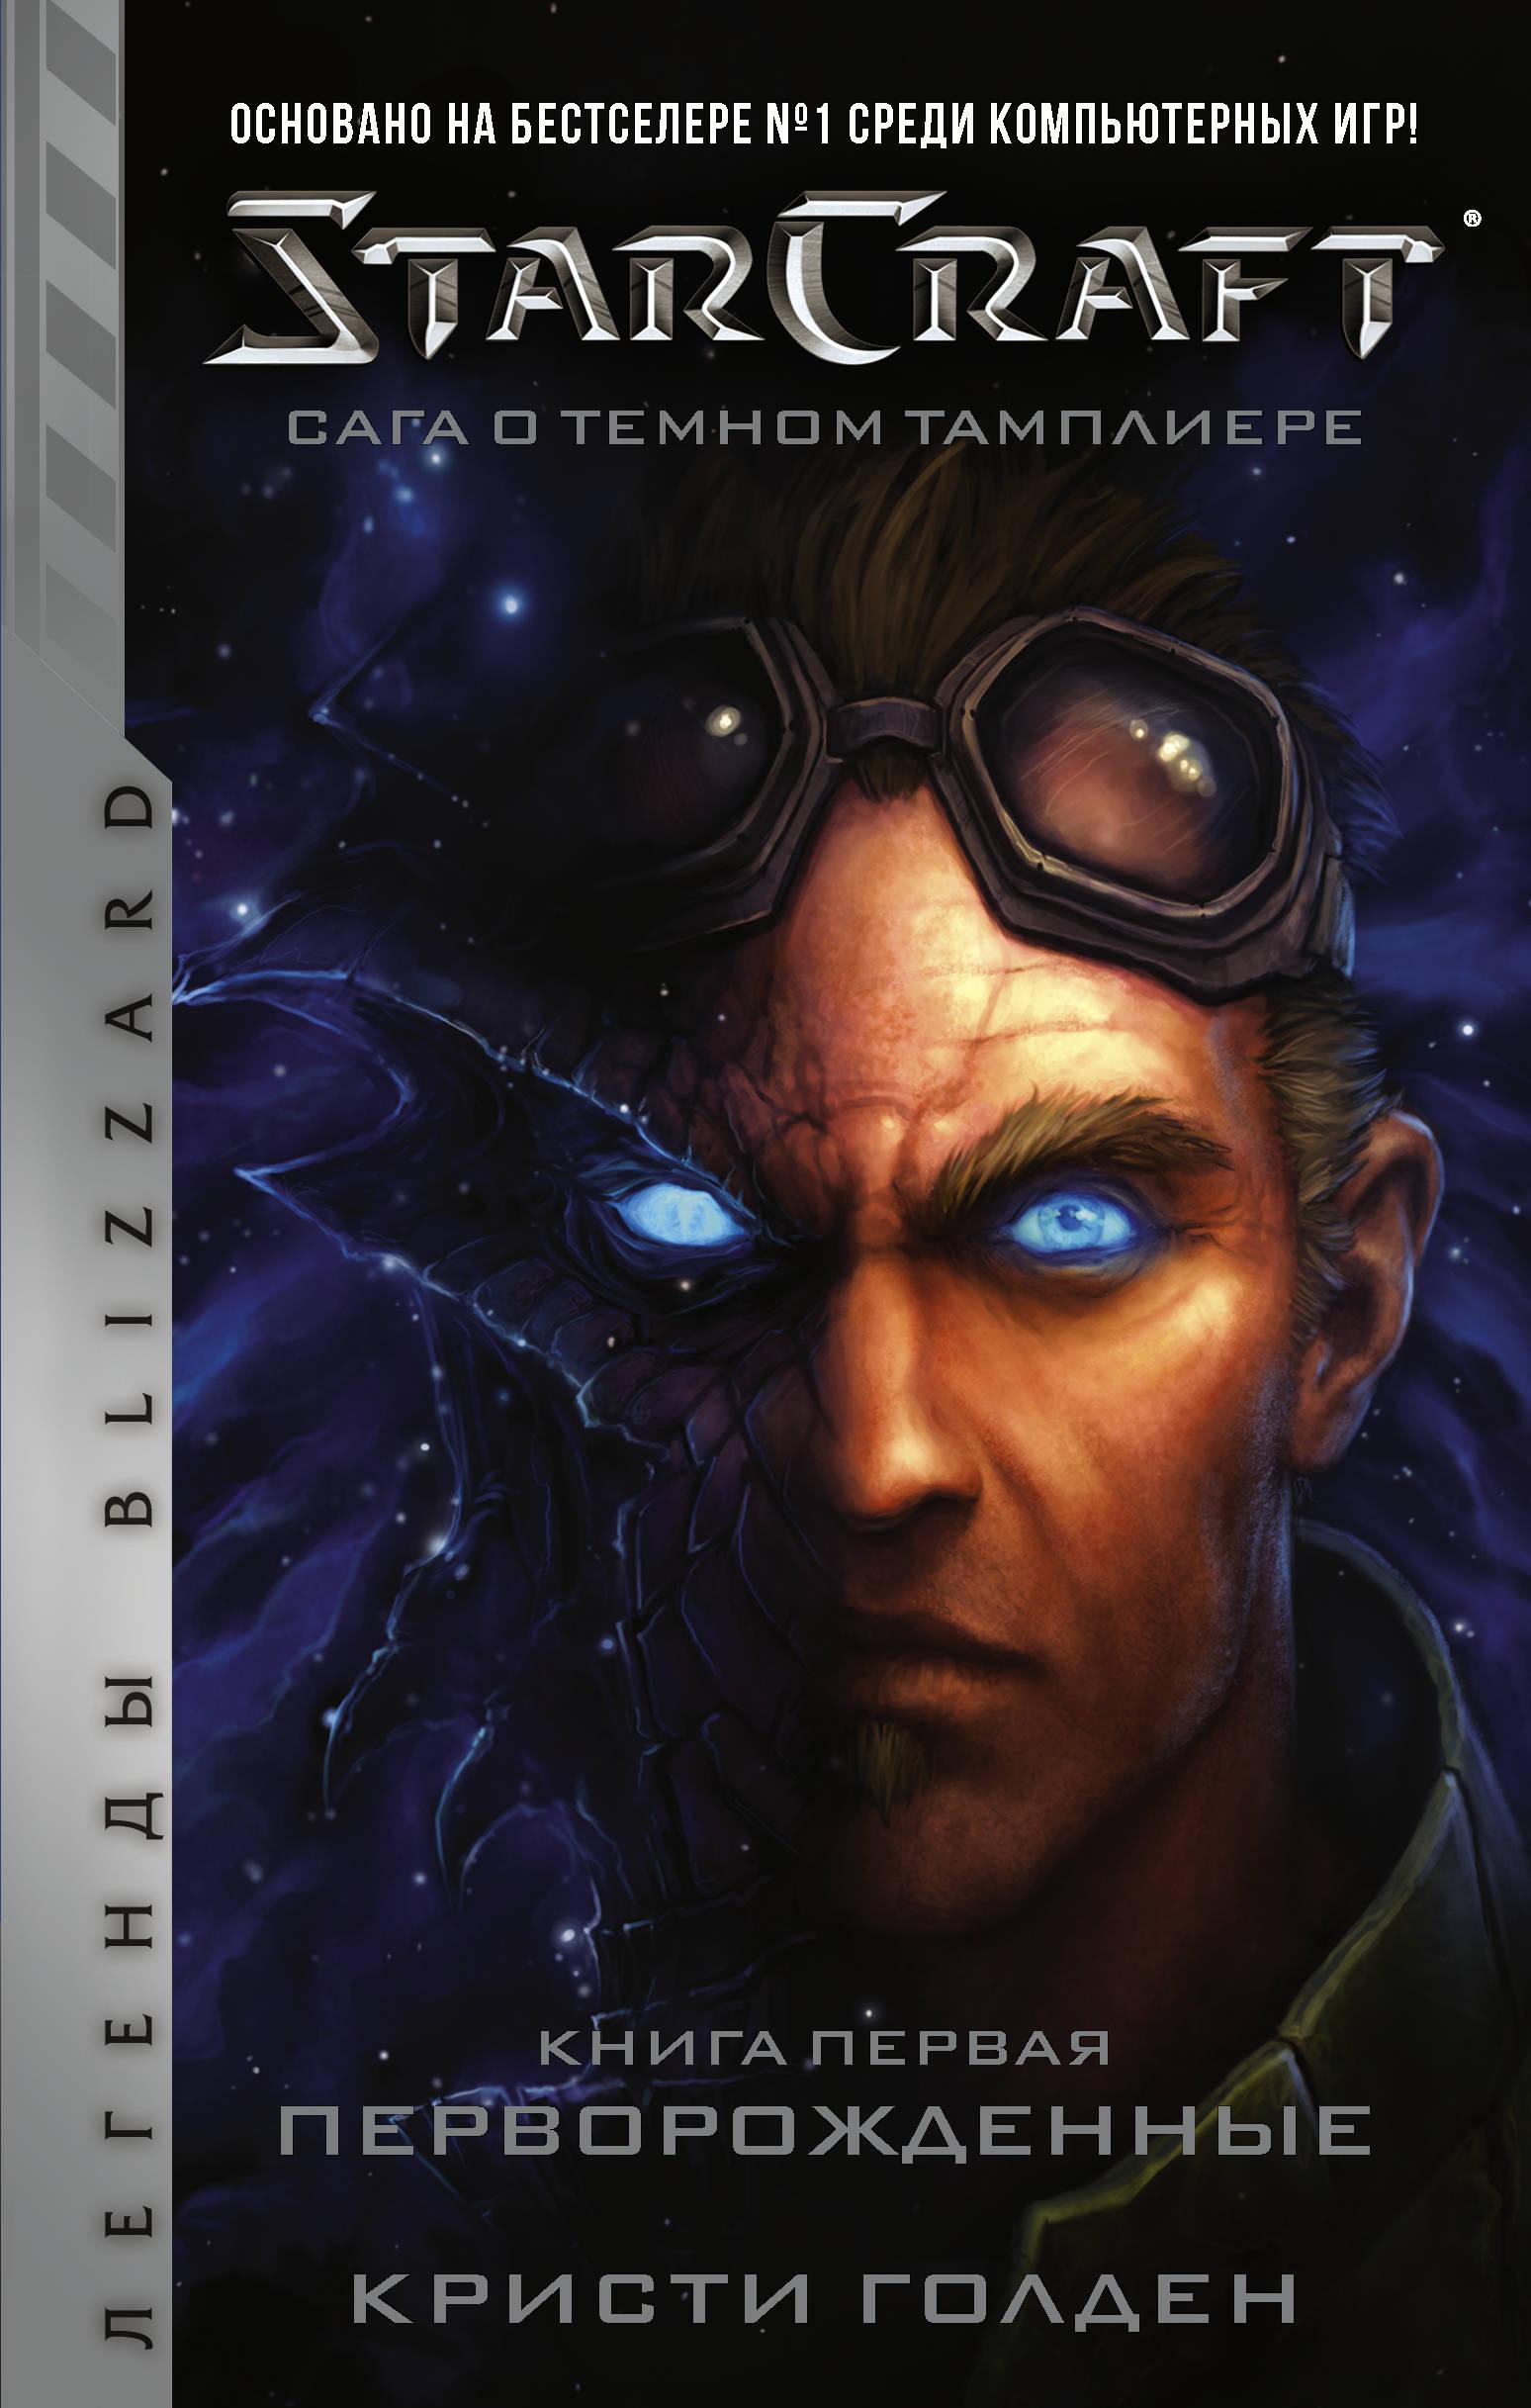 StarCraft: Saga o temnom tampliere. Kniga pervaja. Pervorozhdennye